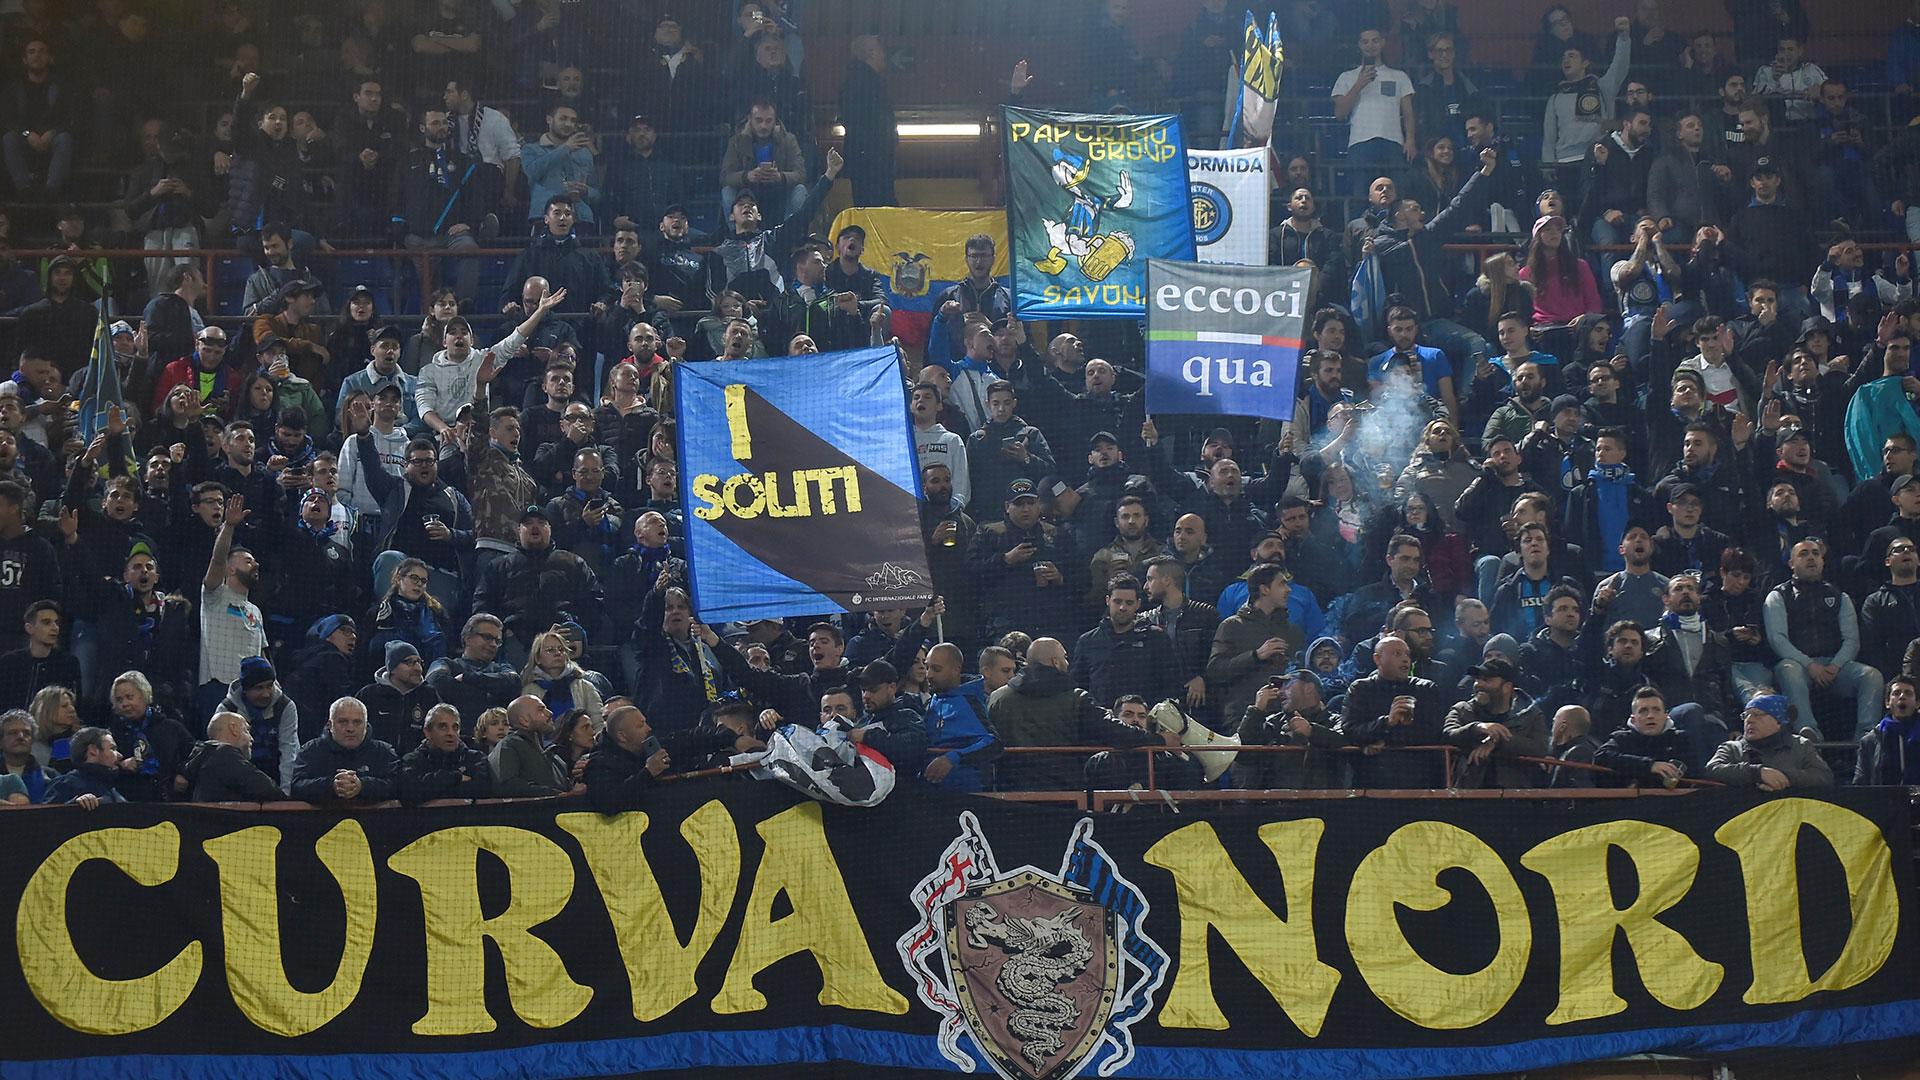 La Curva Nord del Inter cantó en contra de Mauro Icardi (Reuters)